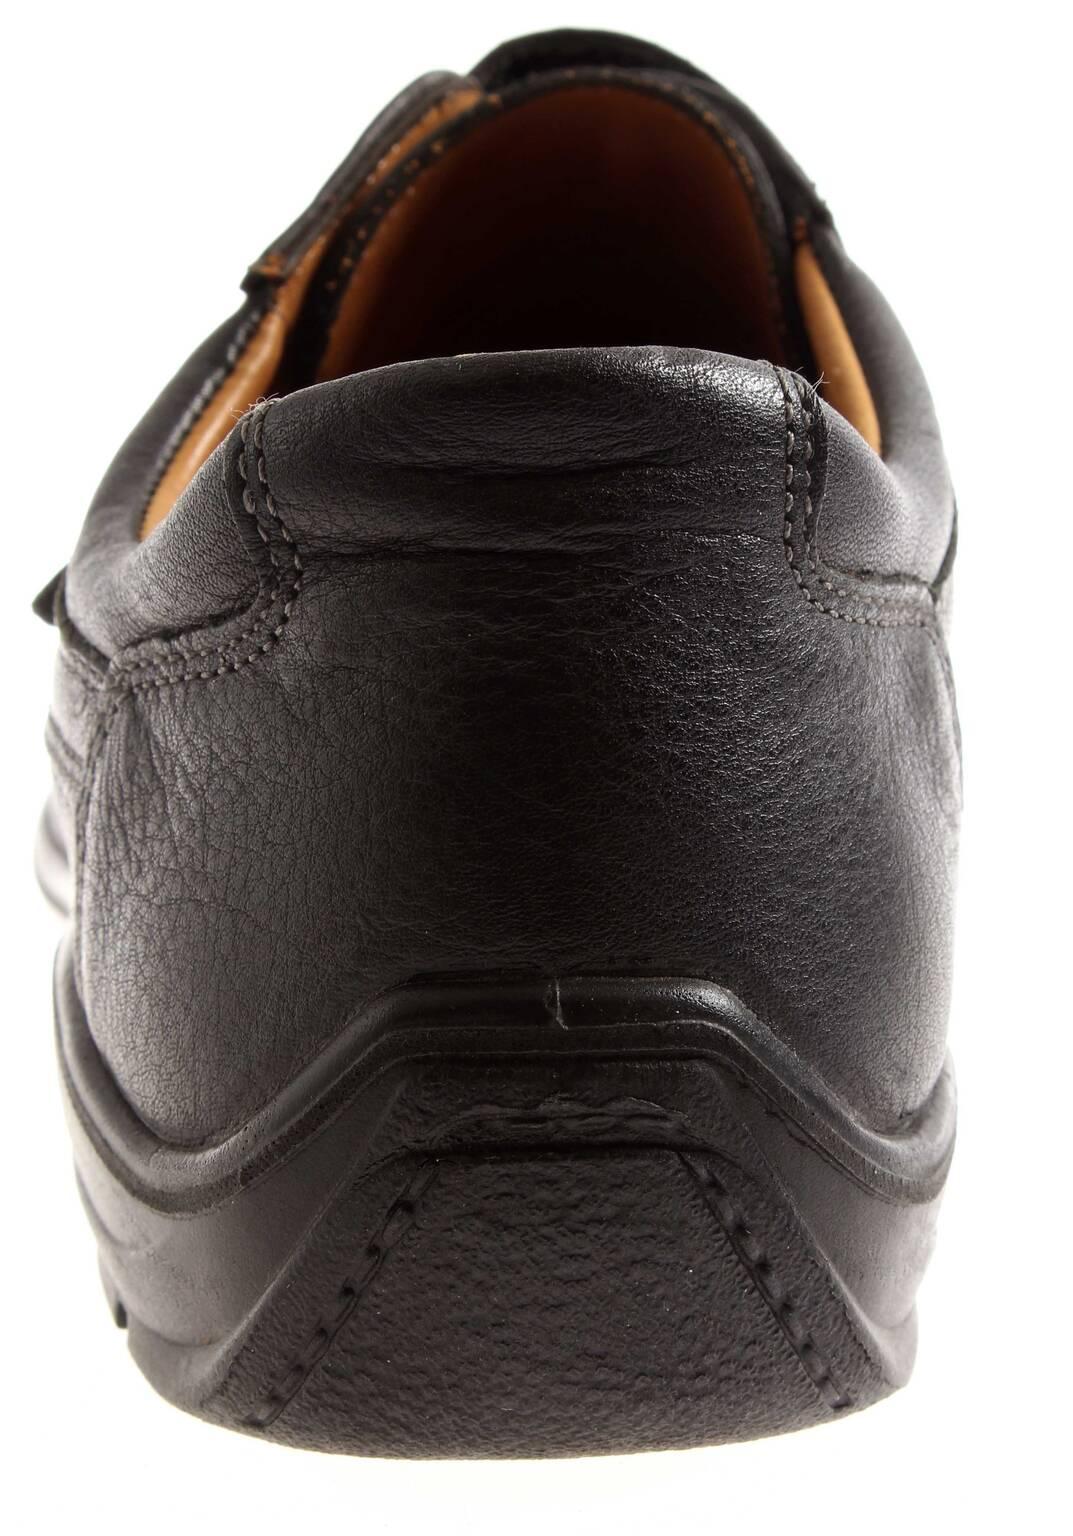 Jomos Herrenschuhe Germany Lederhalbschuhe Herrenschuhe Jomos Leder Schuhe Klett schwarz 2dd928